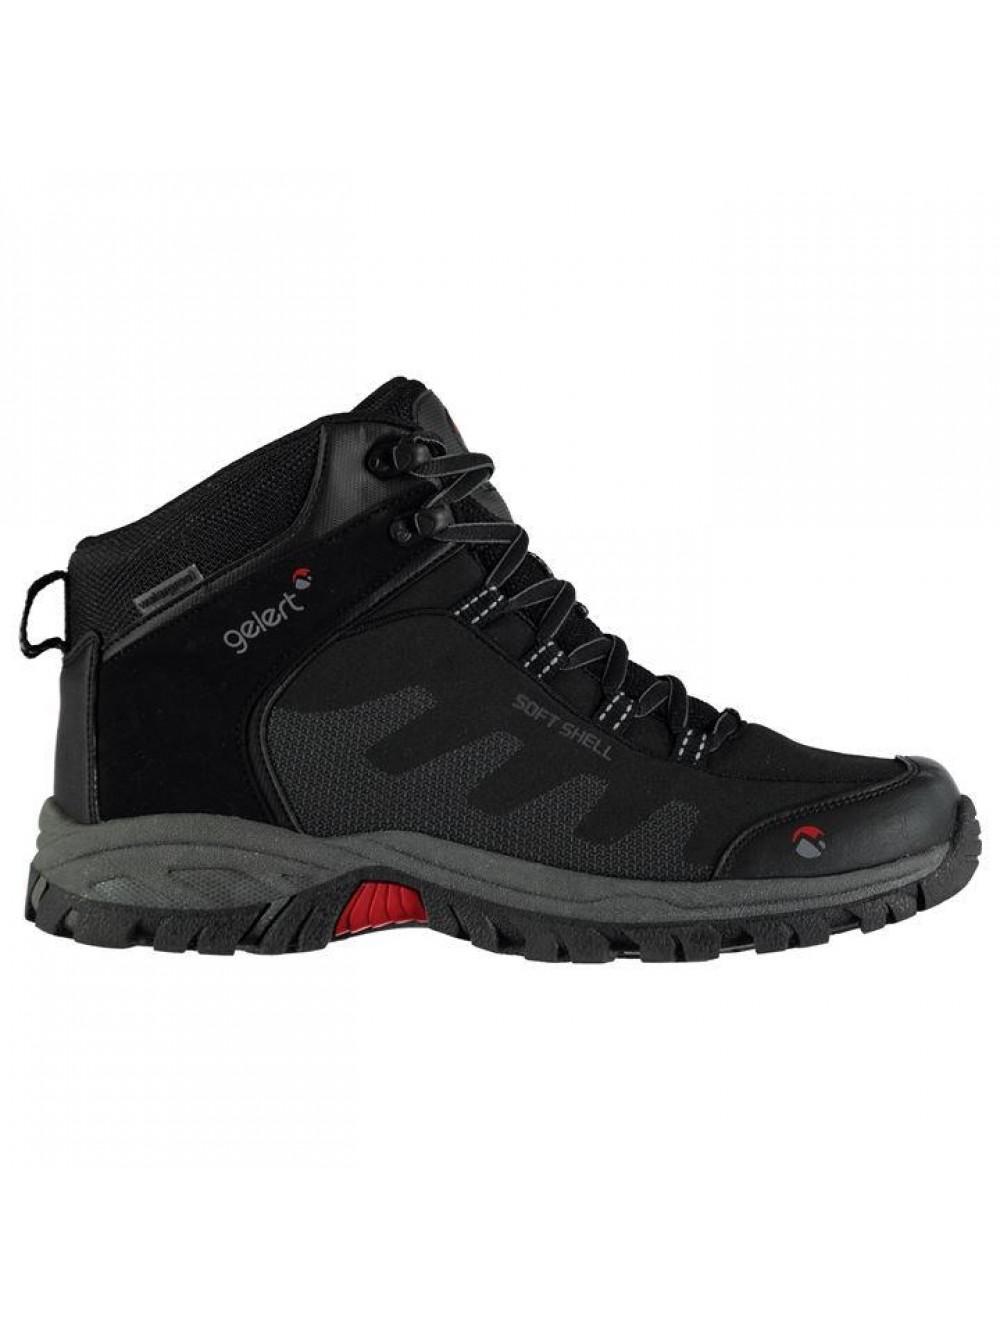 Gelert Softshell - Зимове спортивне взуття чоловіче 53524db45fd18